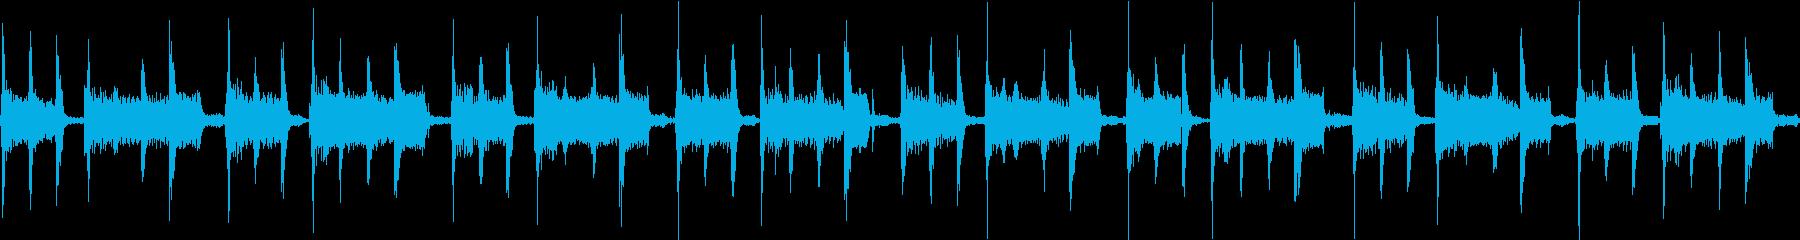 【ループA】やさしくて透明感ギターピアノの再生済みの波形